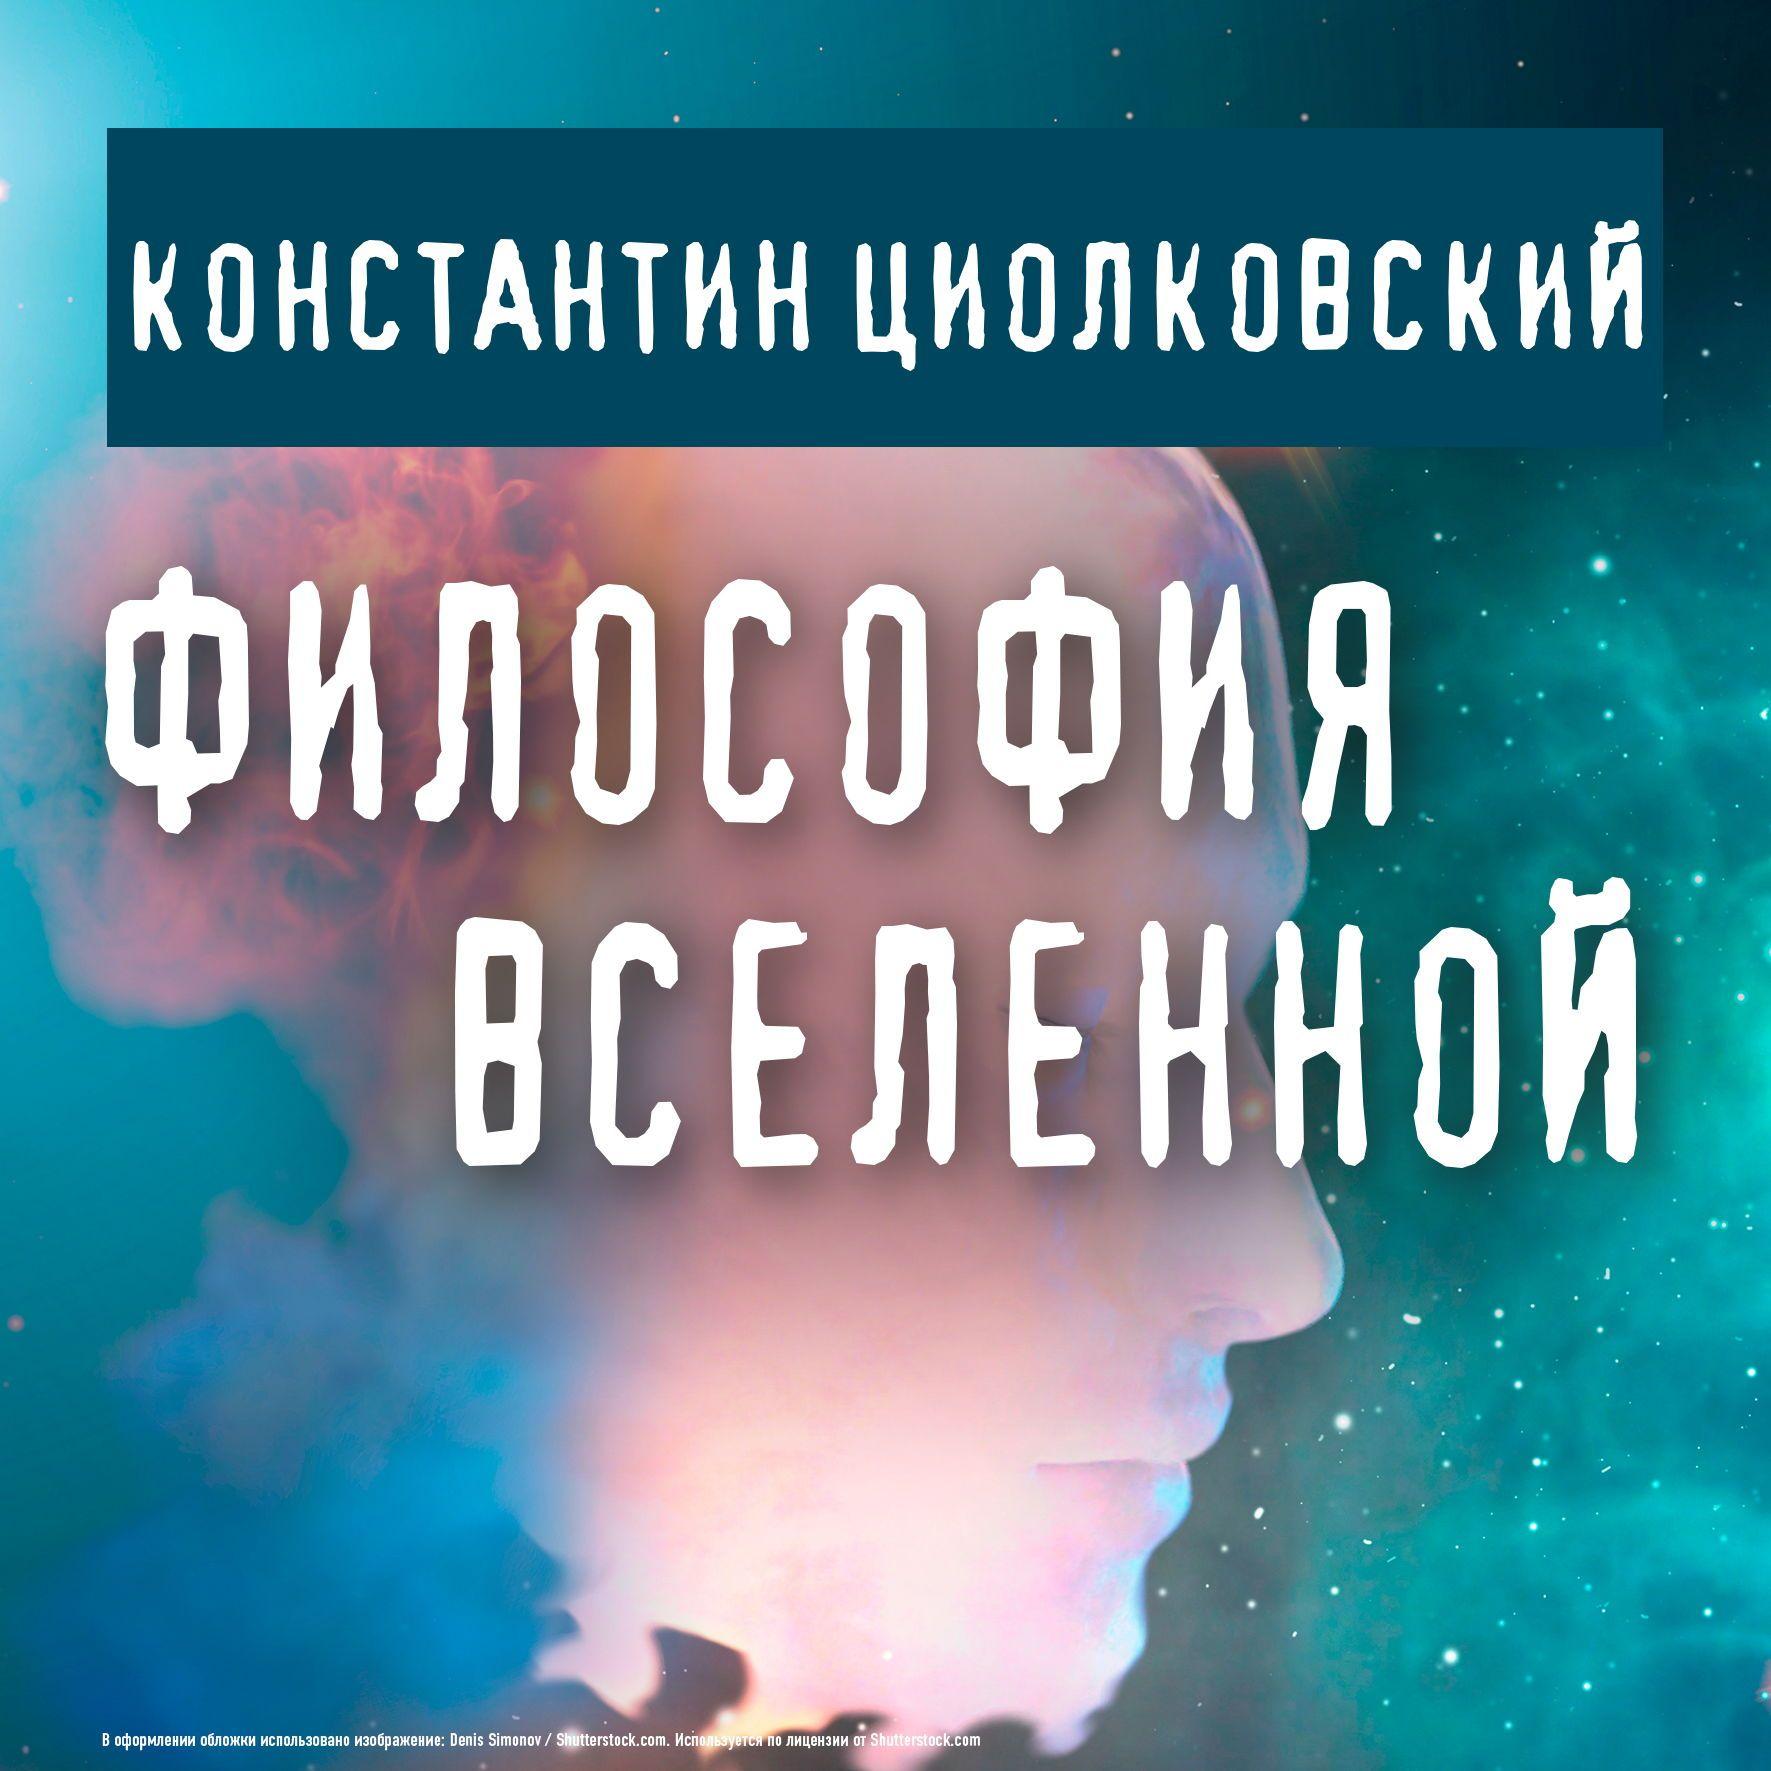 Купить книгу Философия Вселенной, автора Константина Циолковского